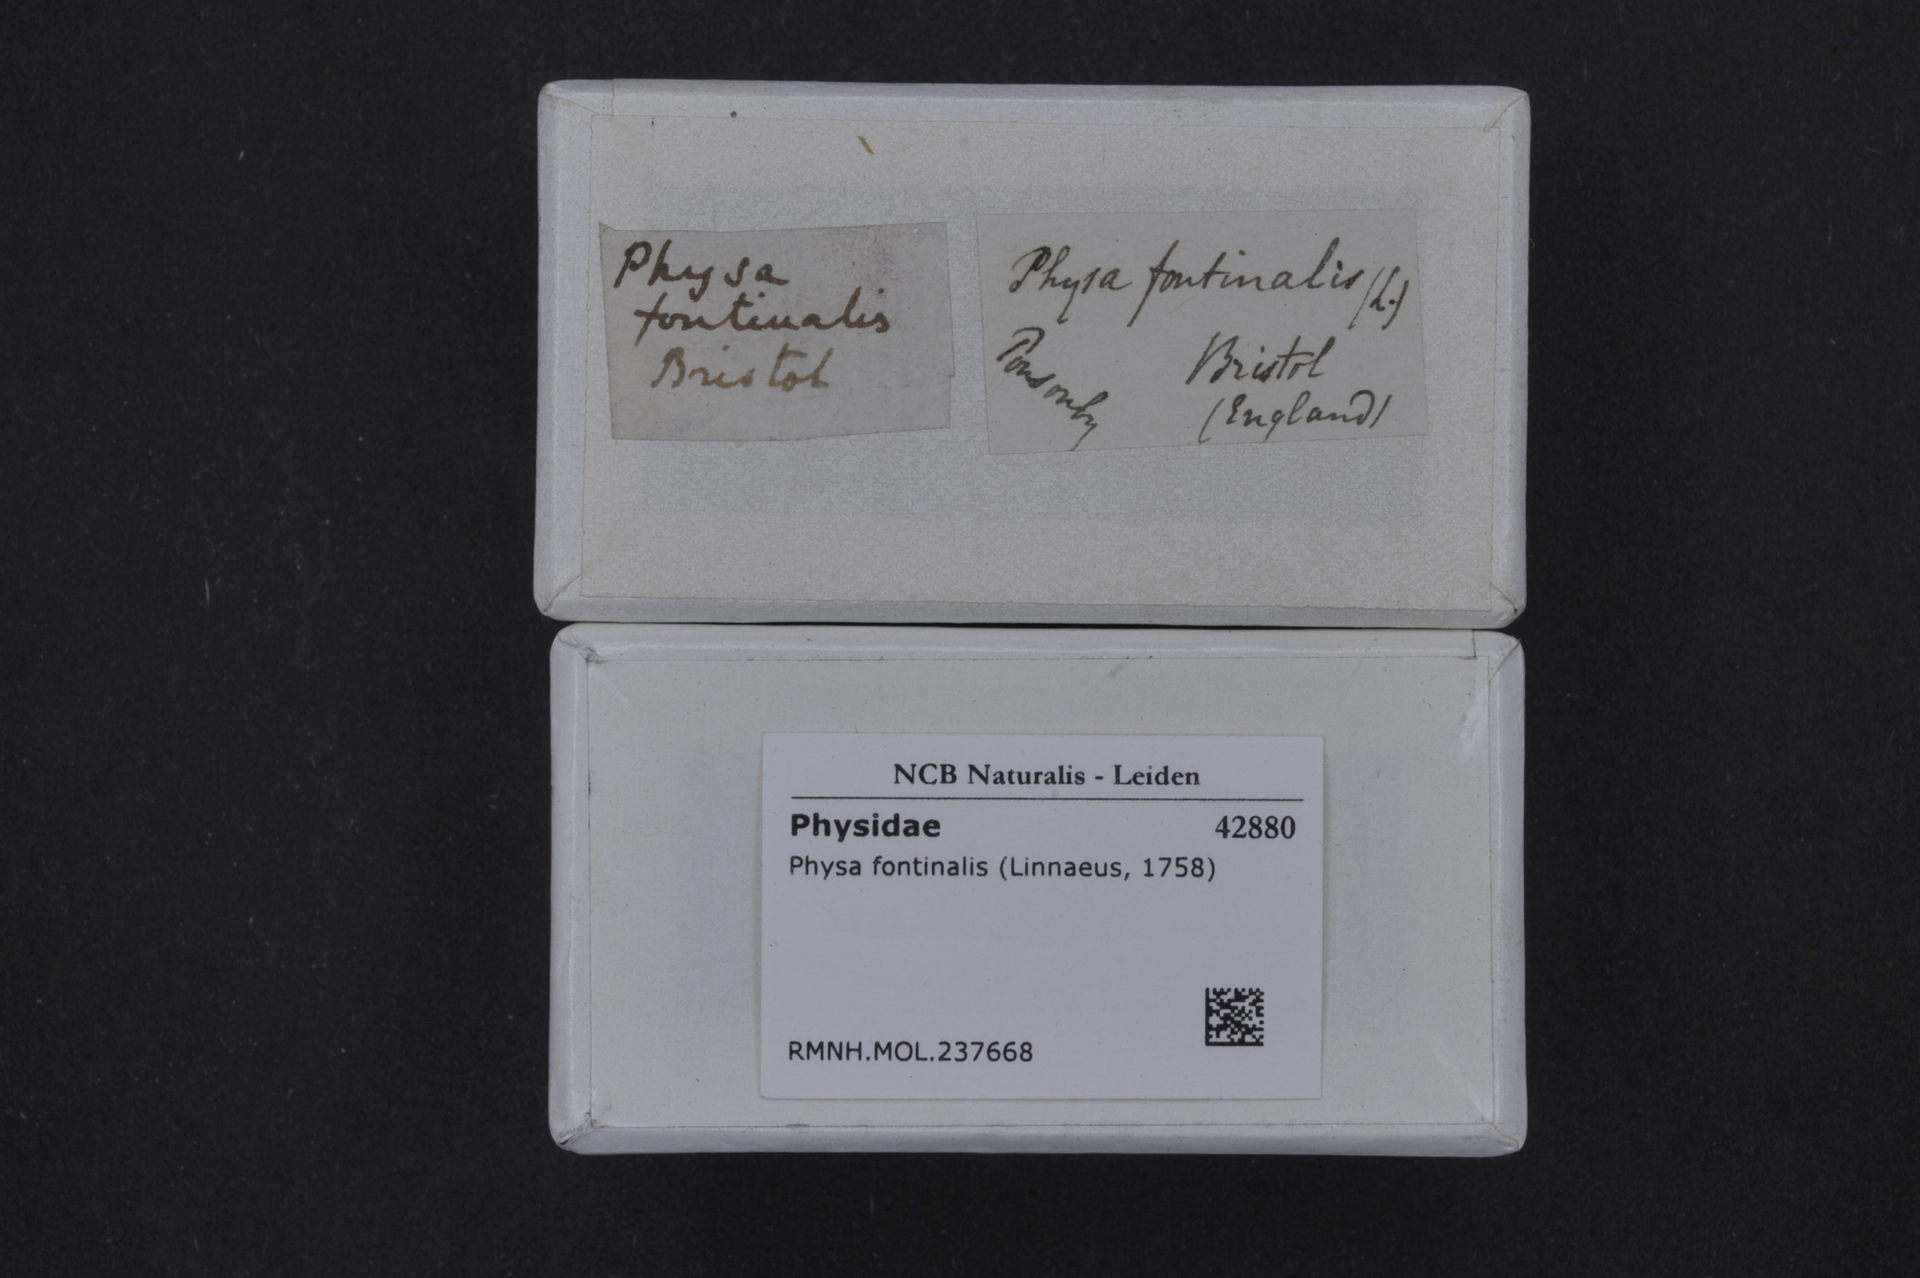 RMNH.MOL.237668   Physa fontinalis Linnaeus, 1758